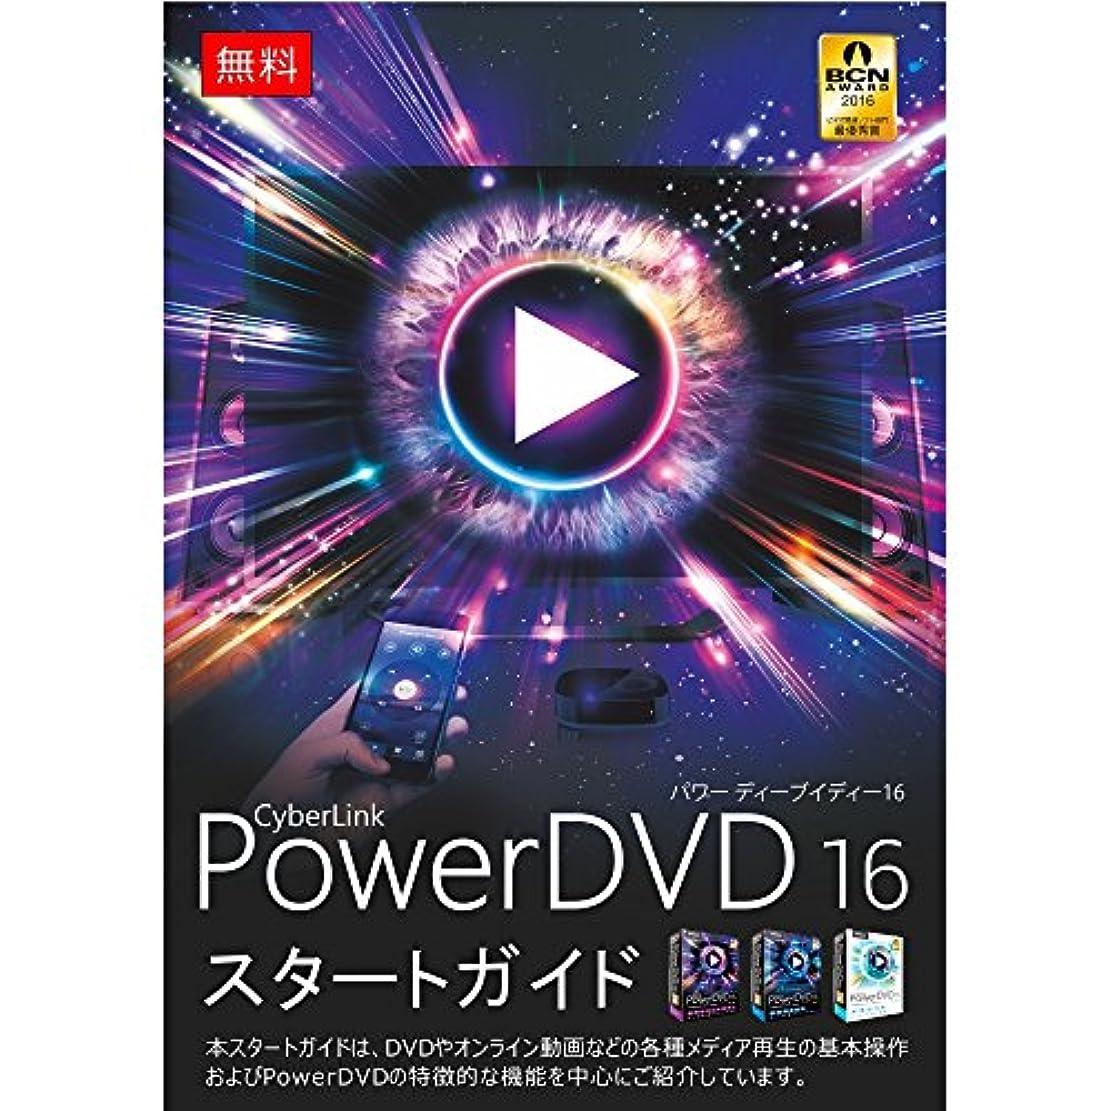 ジーンズ不快なビジネスPowerDVD 16 スタートガイド|ダウンロード版